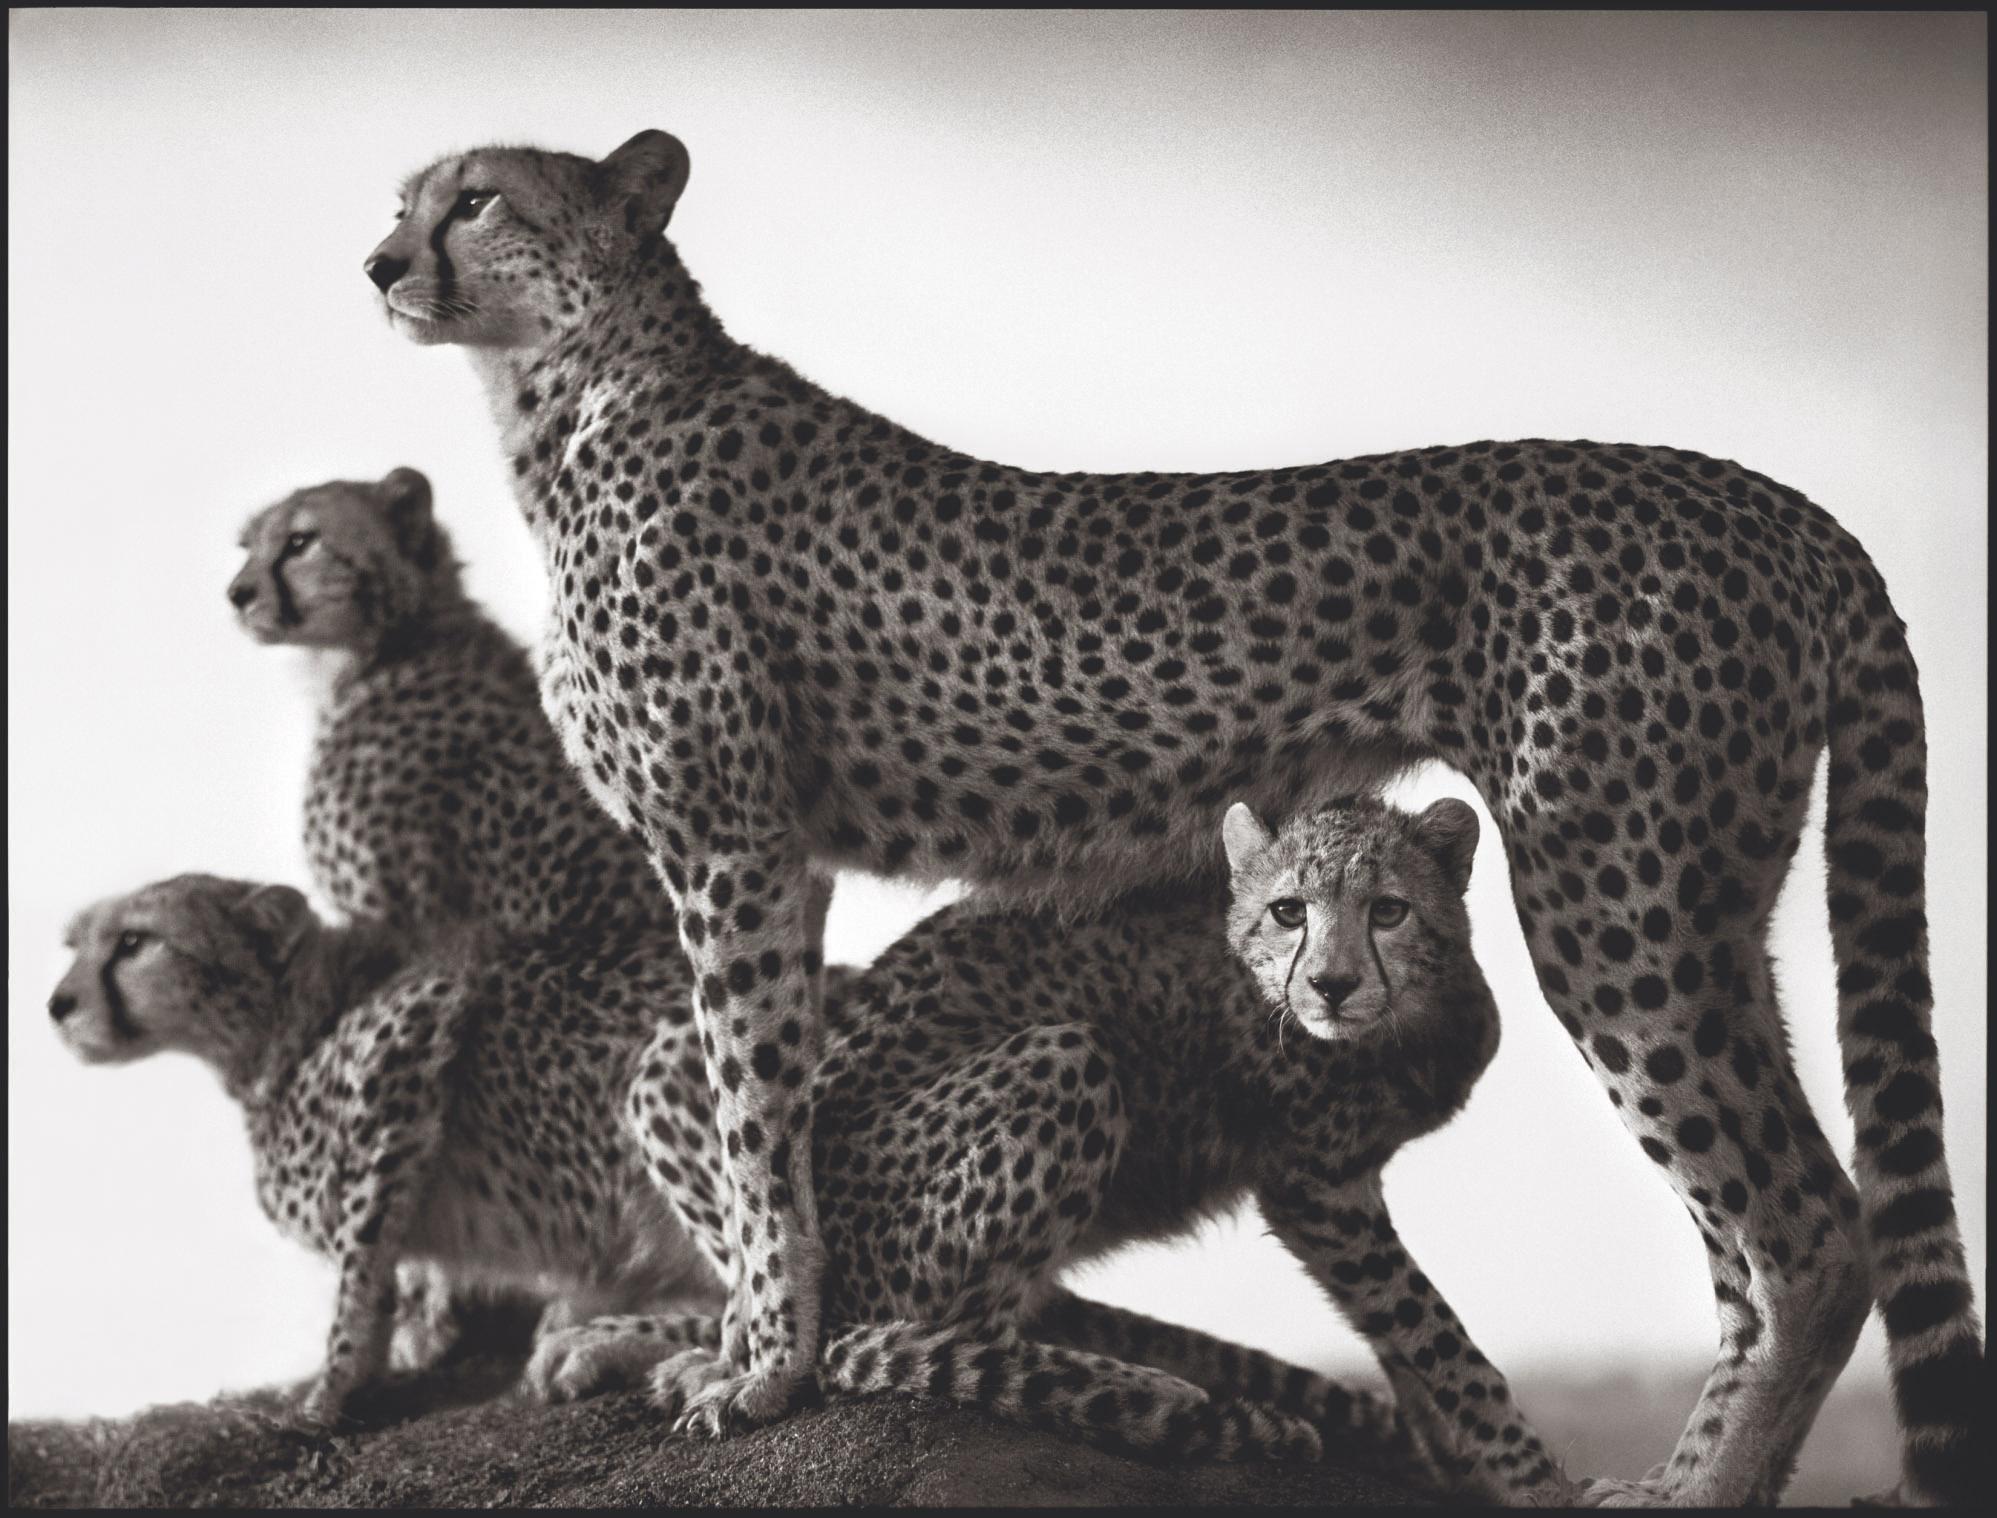 Cheetah and Cubs, Maasai Mara, 2003